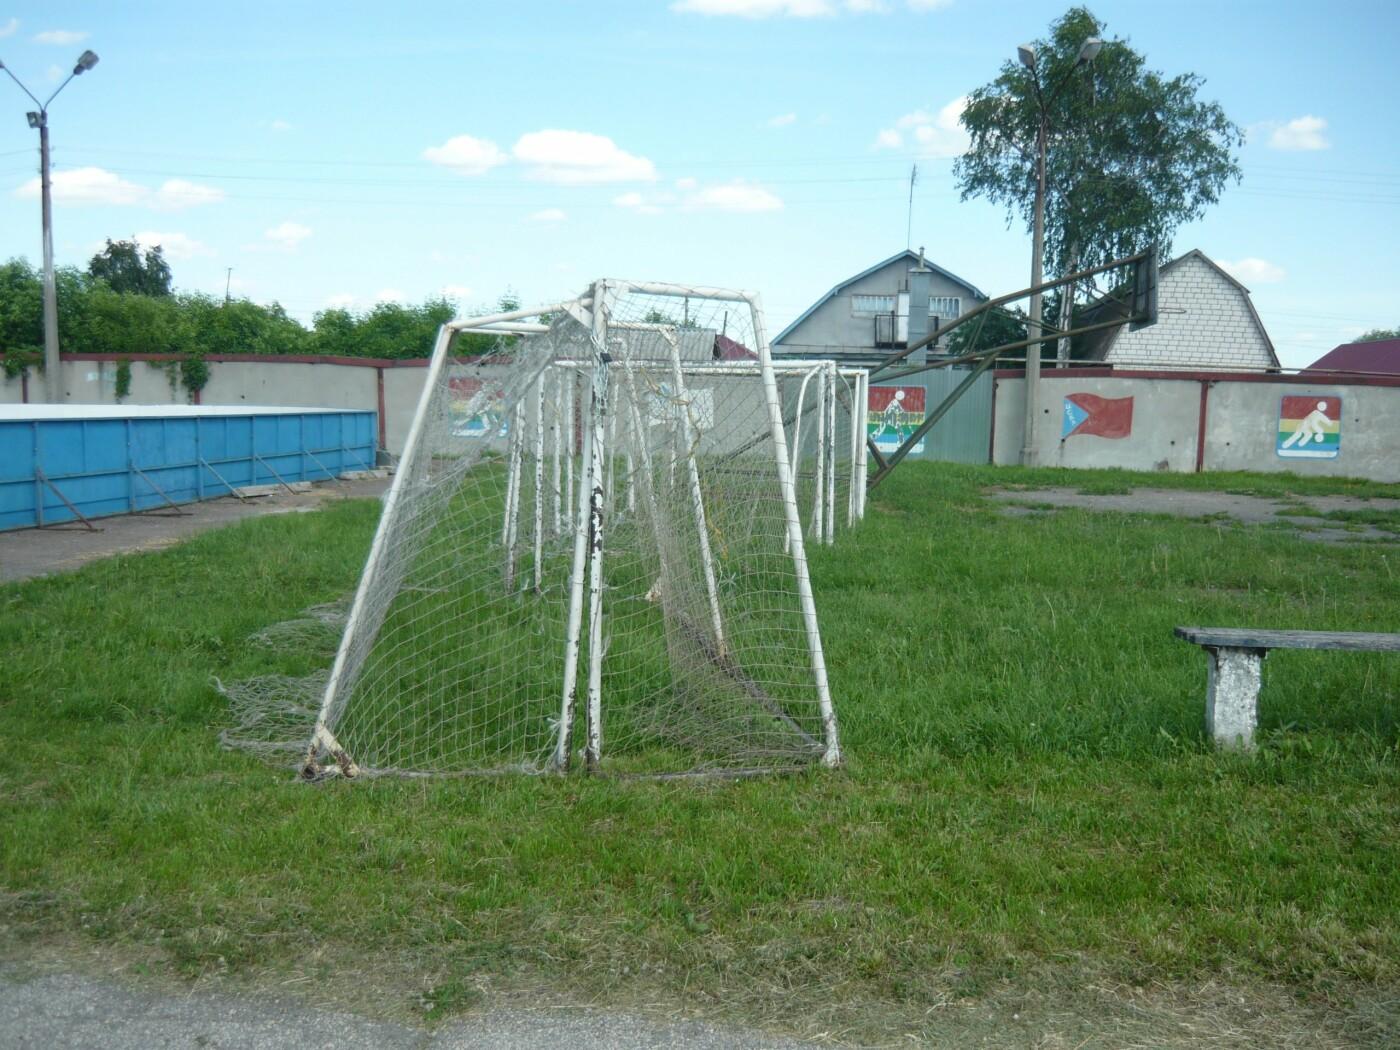 В Тамбовской области на 7-летнюю девочку упали футбольные ворота: у нее перелом бедра, фото-3